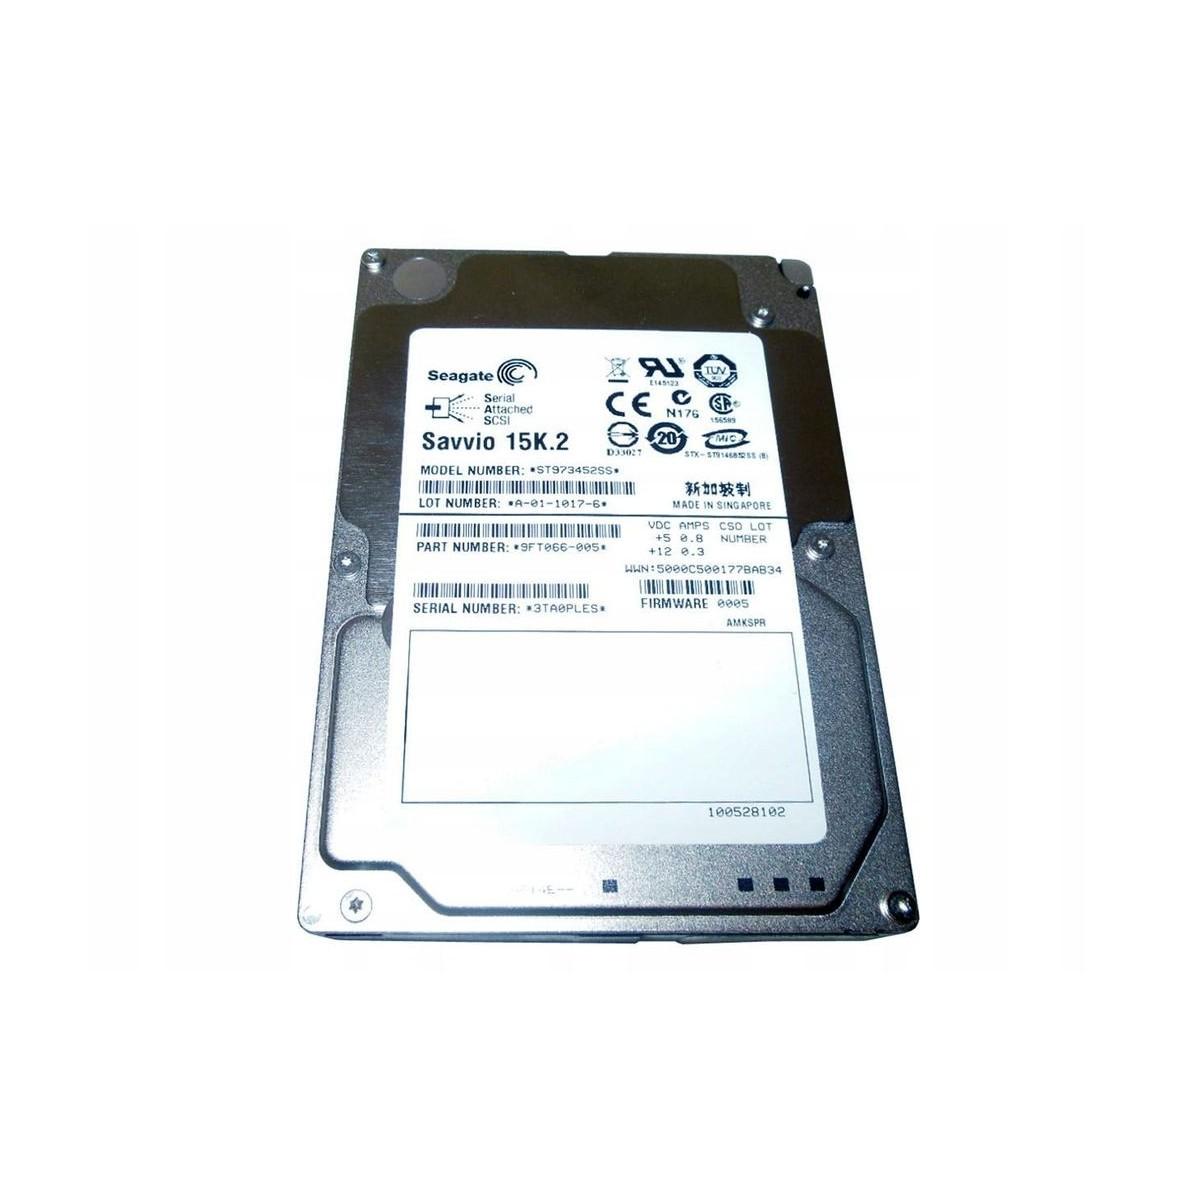 LENOVO S30 E5-1620 v2/16GB/1TB SATA/FX3800/WIN7